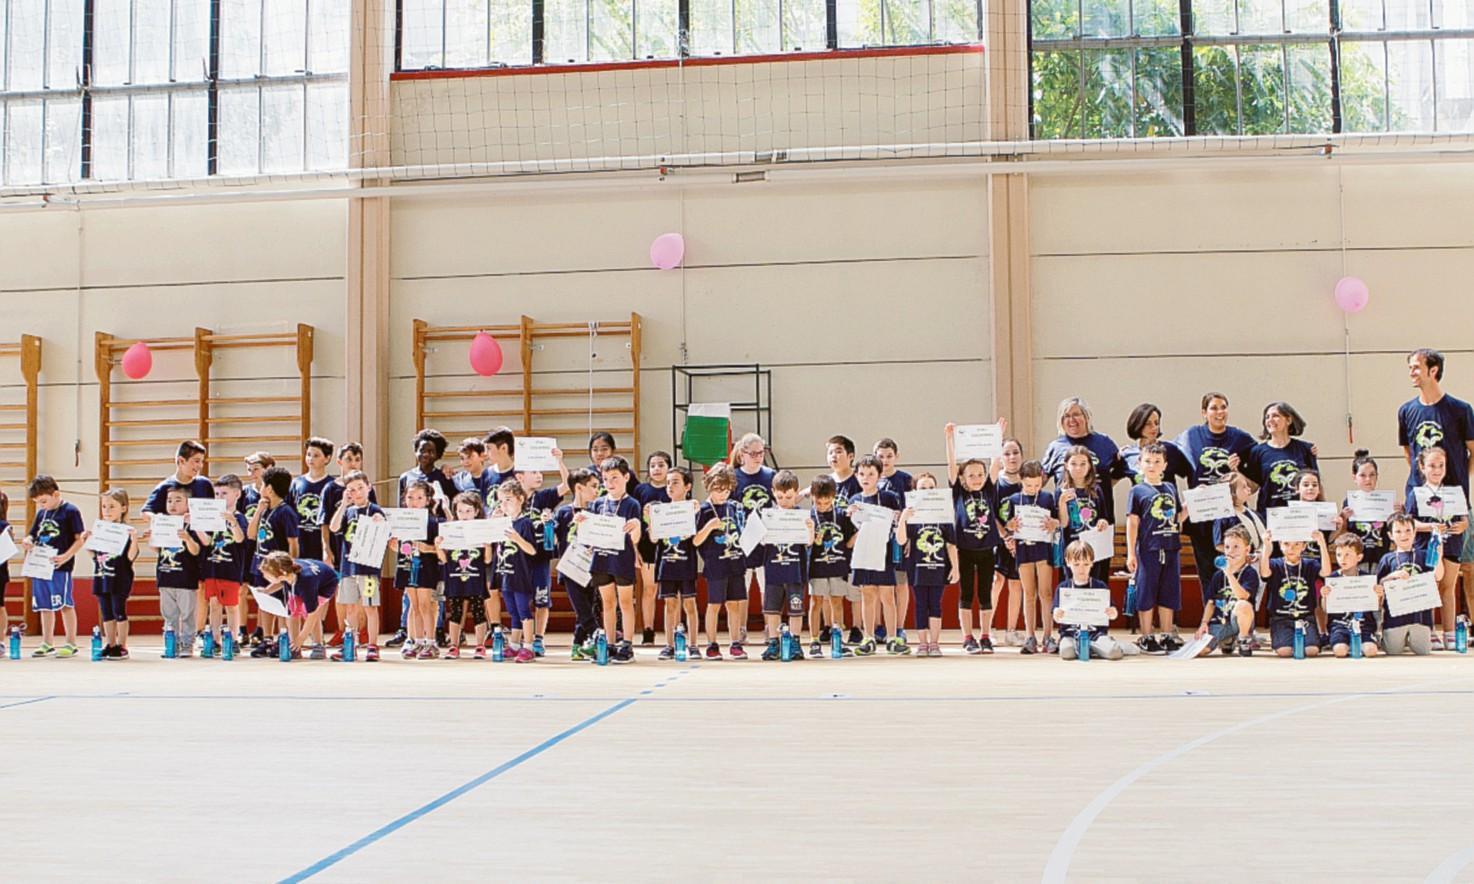 """b6e735df68 La scuola """"Senza zaino"""" in festa - La Voce di Rovigo"""